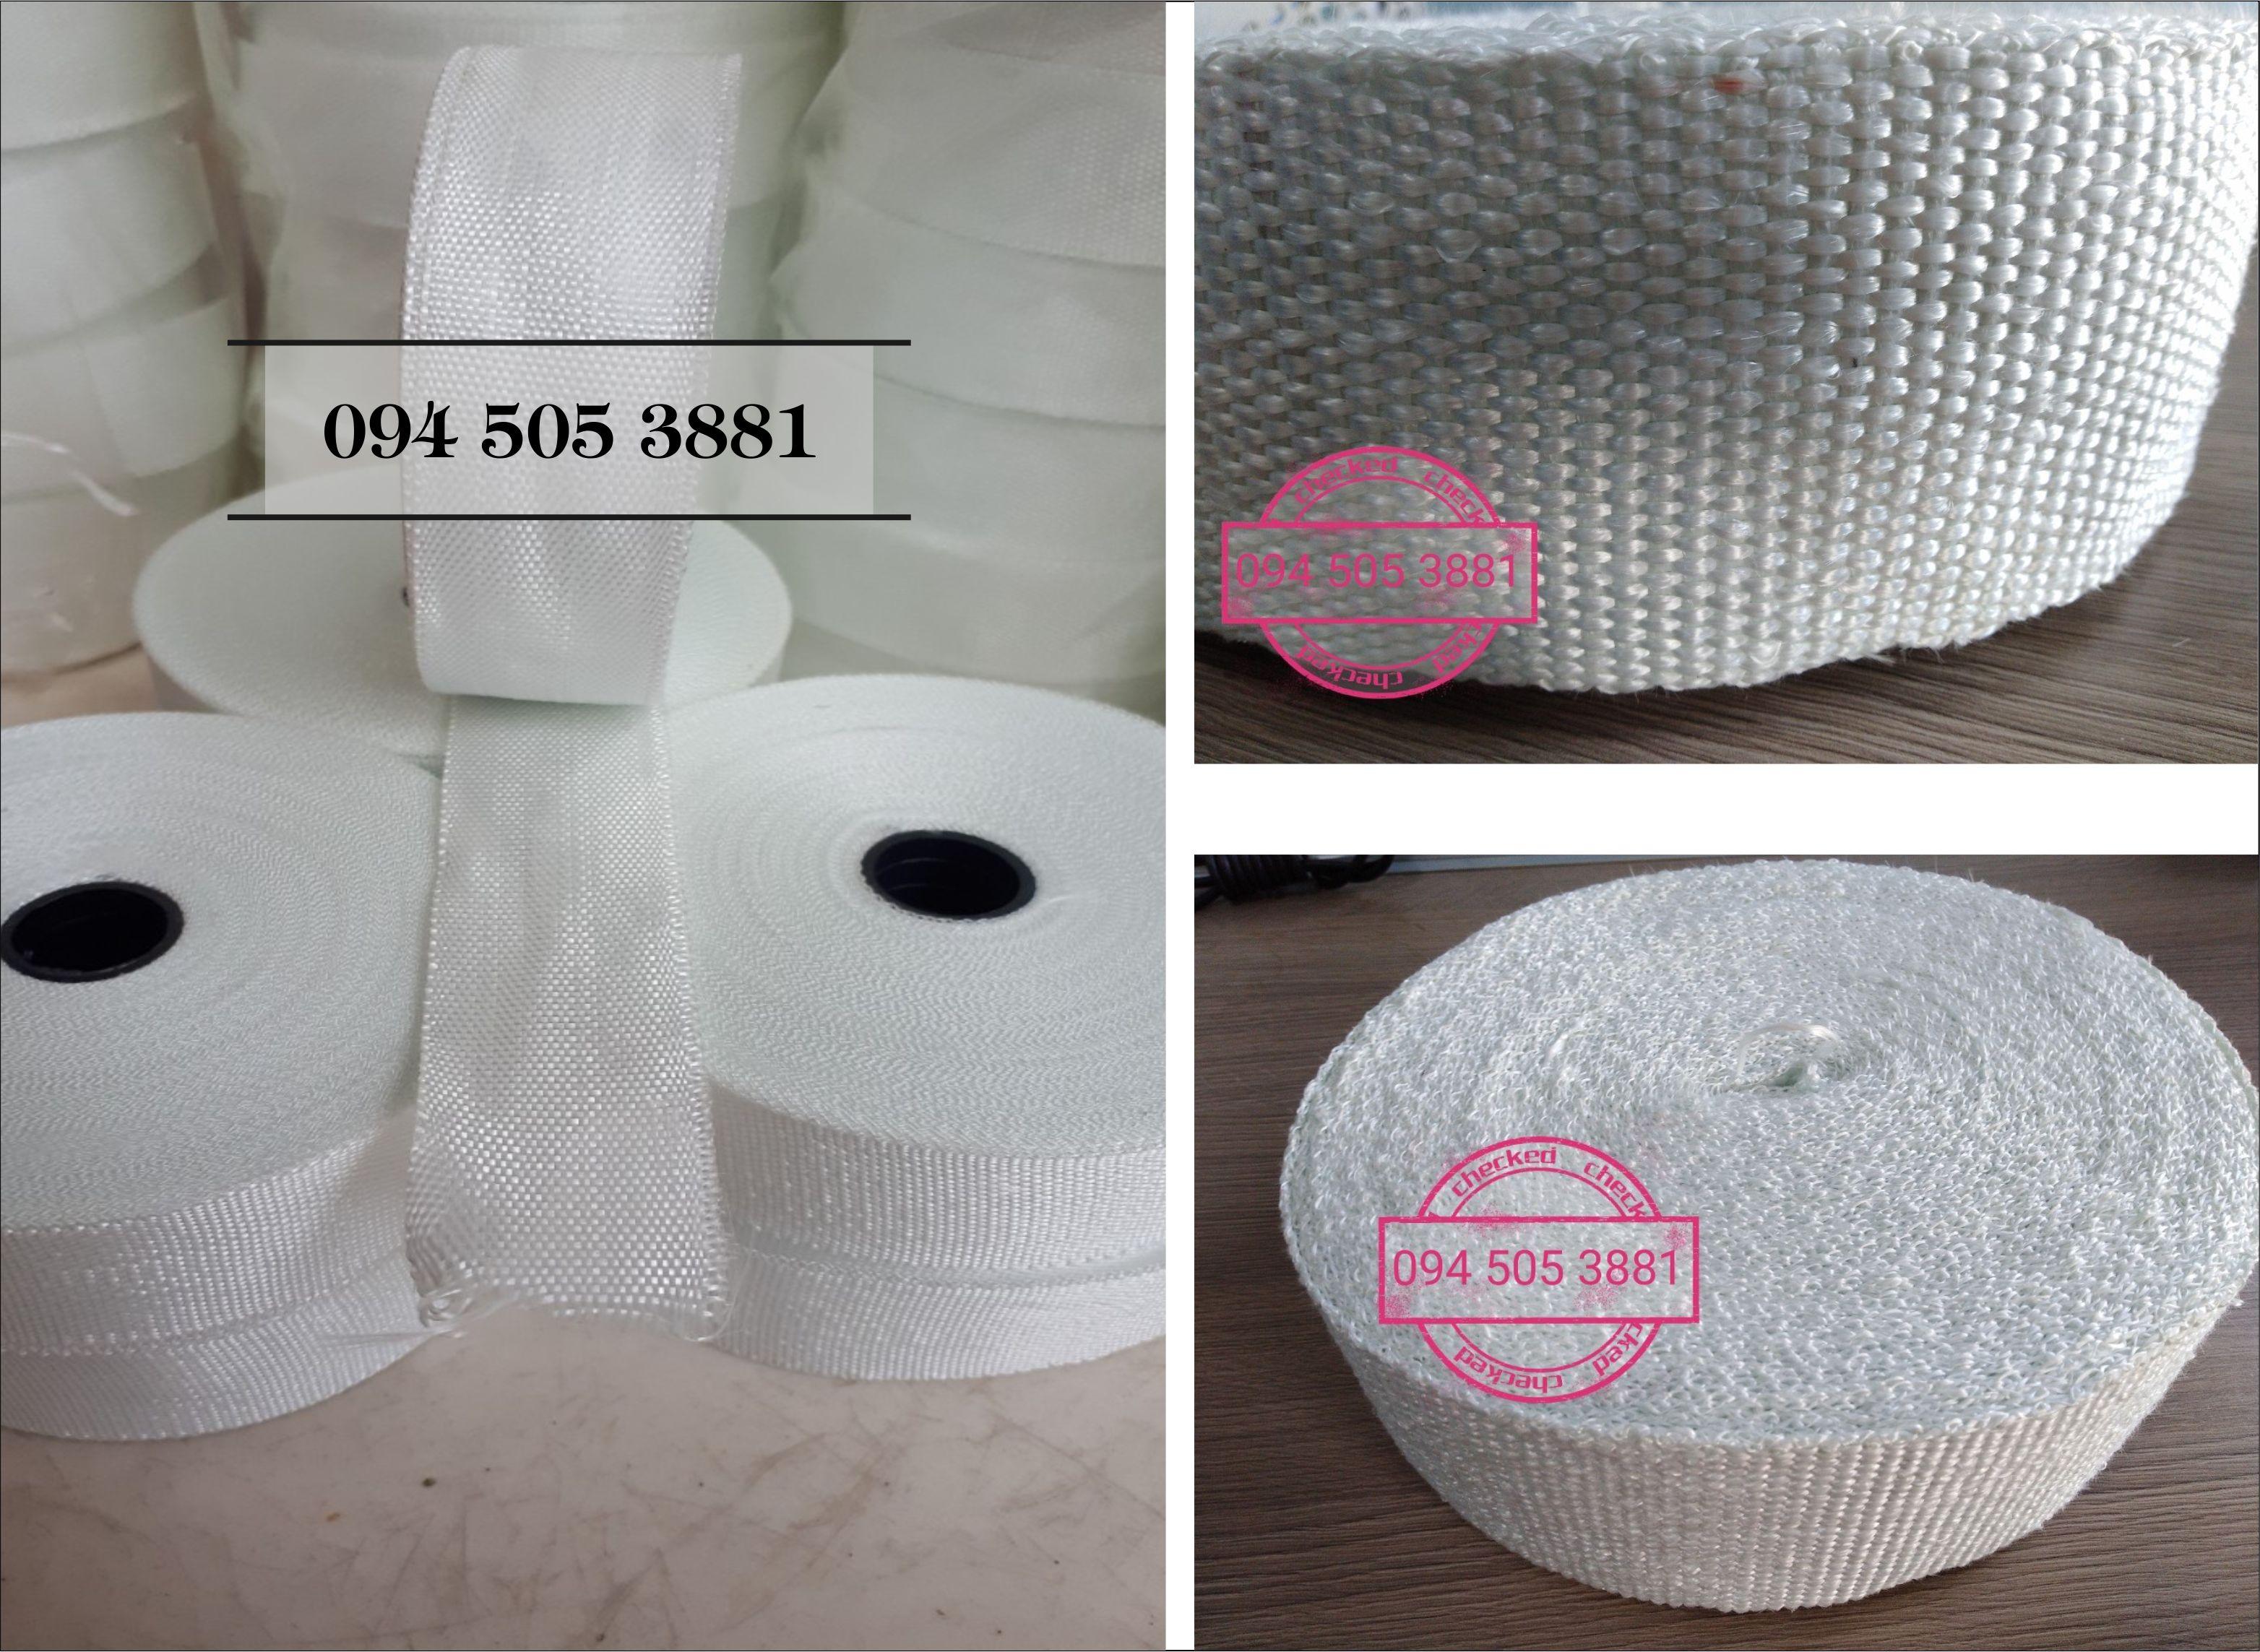 Băng vải sợi thủy tinh được dùng để | Ứng dụng của Vải sợi thủy tinh | Fiberglass Tap